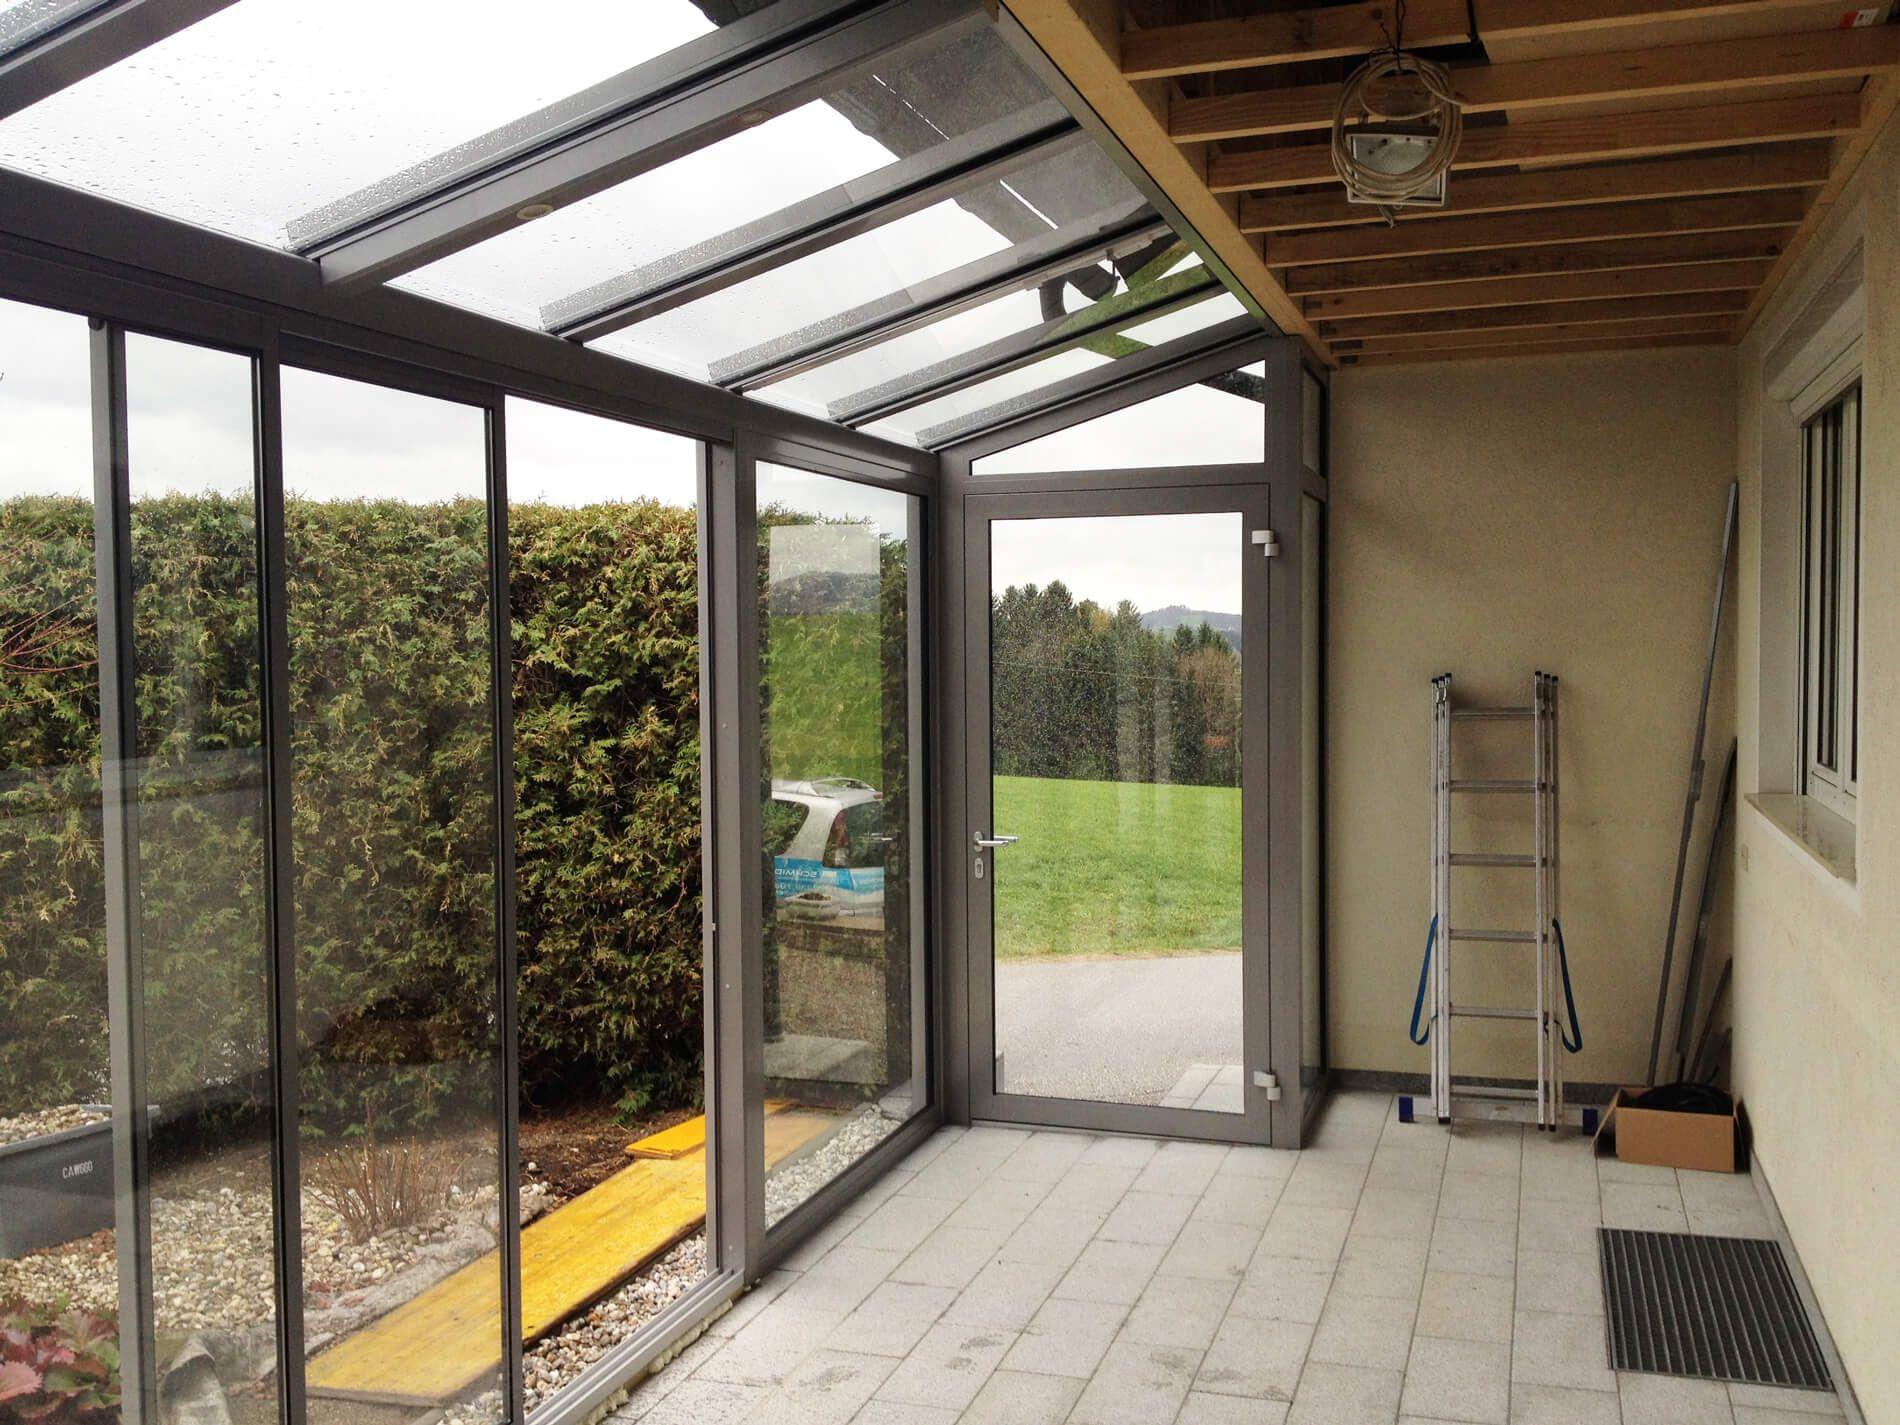 wintergarten unterhalb balkon wintergarten. Black Bedroom Furniture Sets. Home Design Ideas